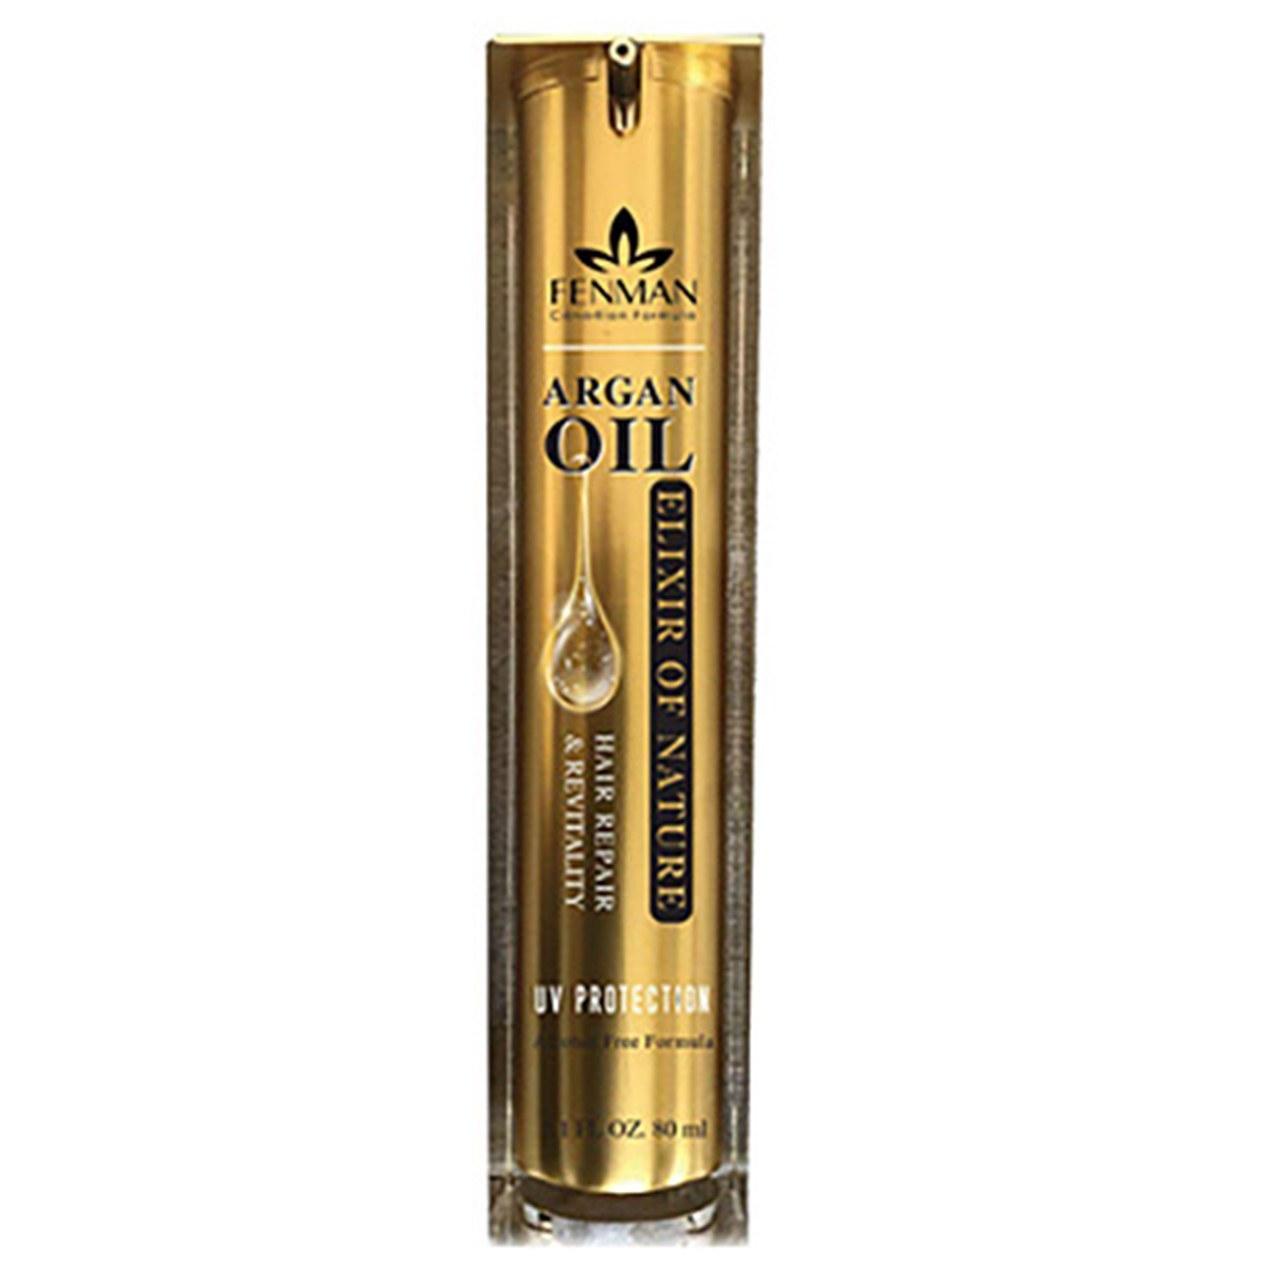 تصویر روغن آرگان فنمن حجم 80 میل Fenman argan oil size 80mill